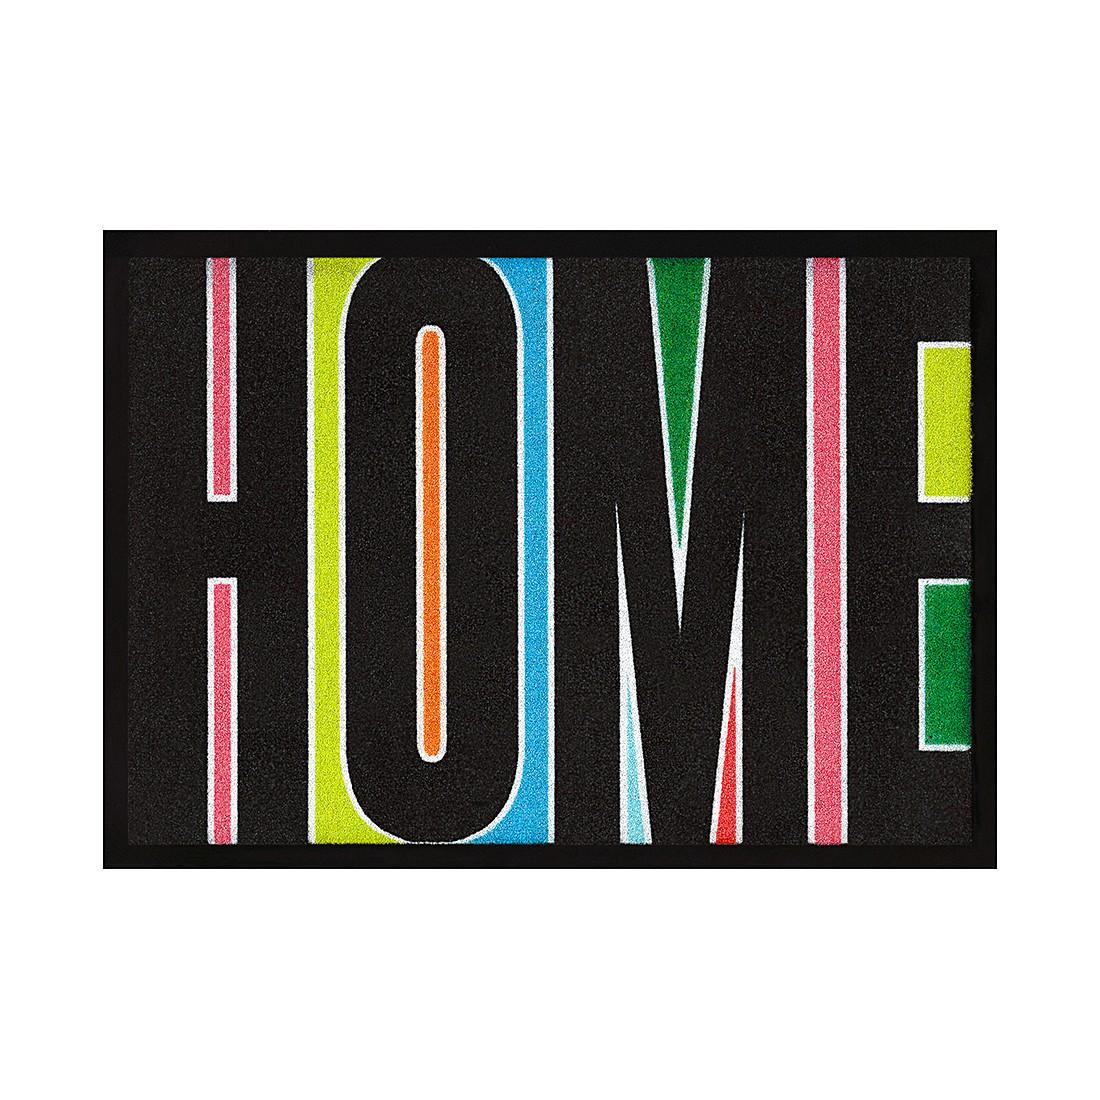 Fußmatte Colorful home – Mehrfarbig, Pro Art günstig online kaufen